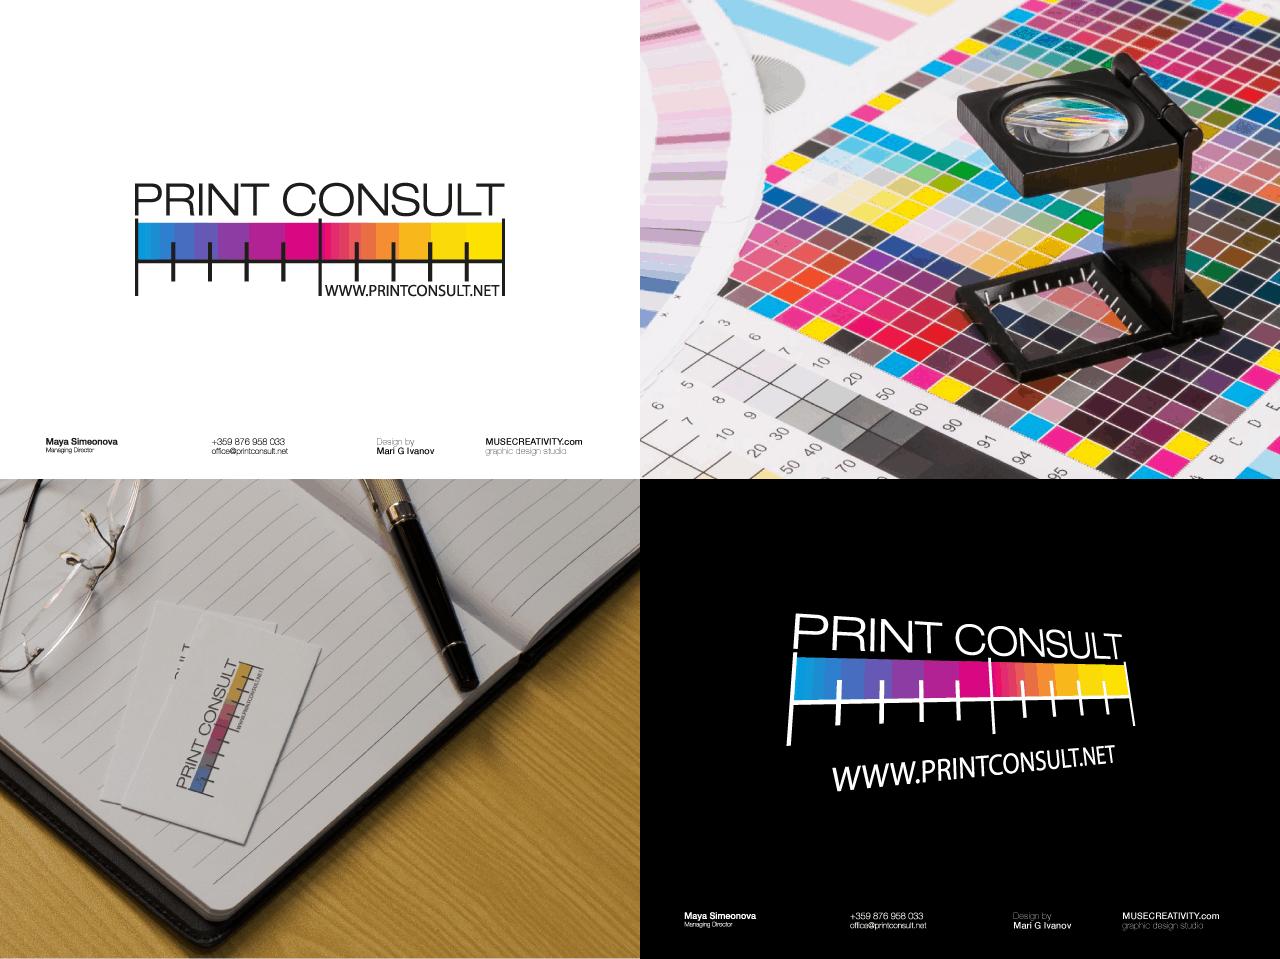 Лого Дизайн на консилтанска фирма Print Consult в печата от Muse